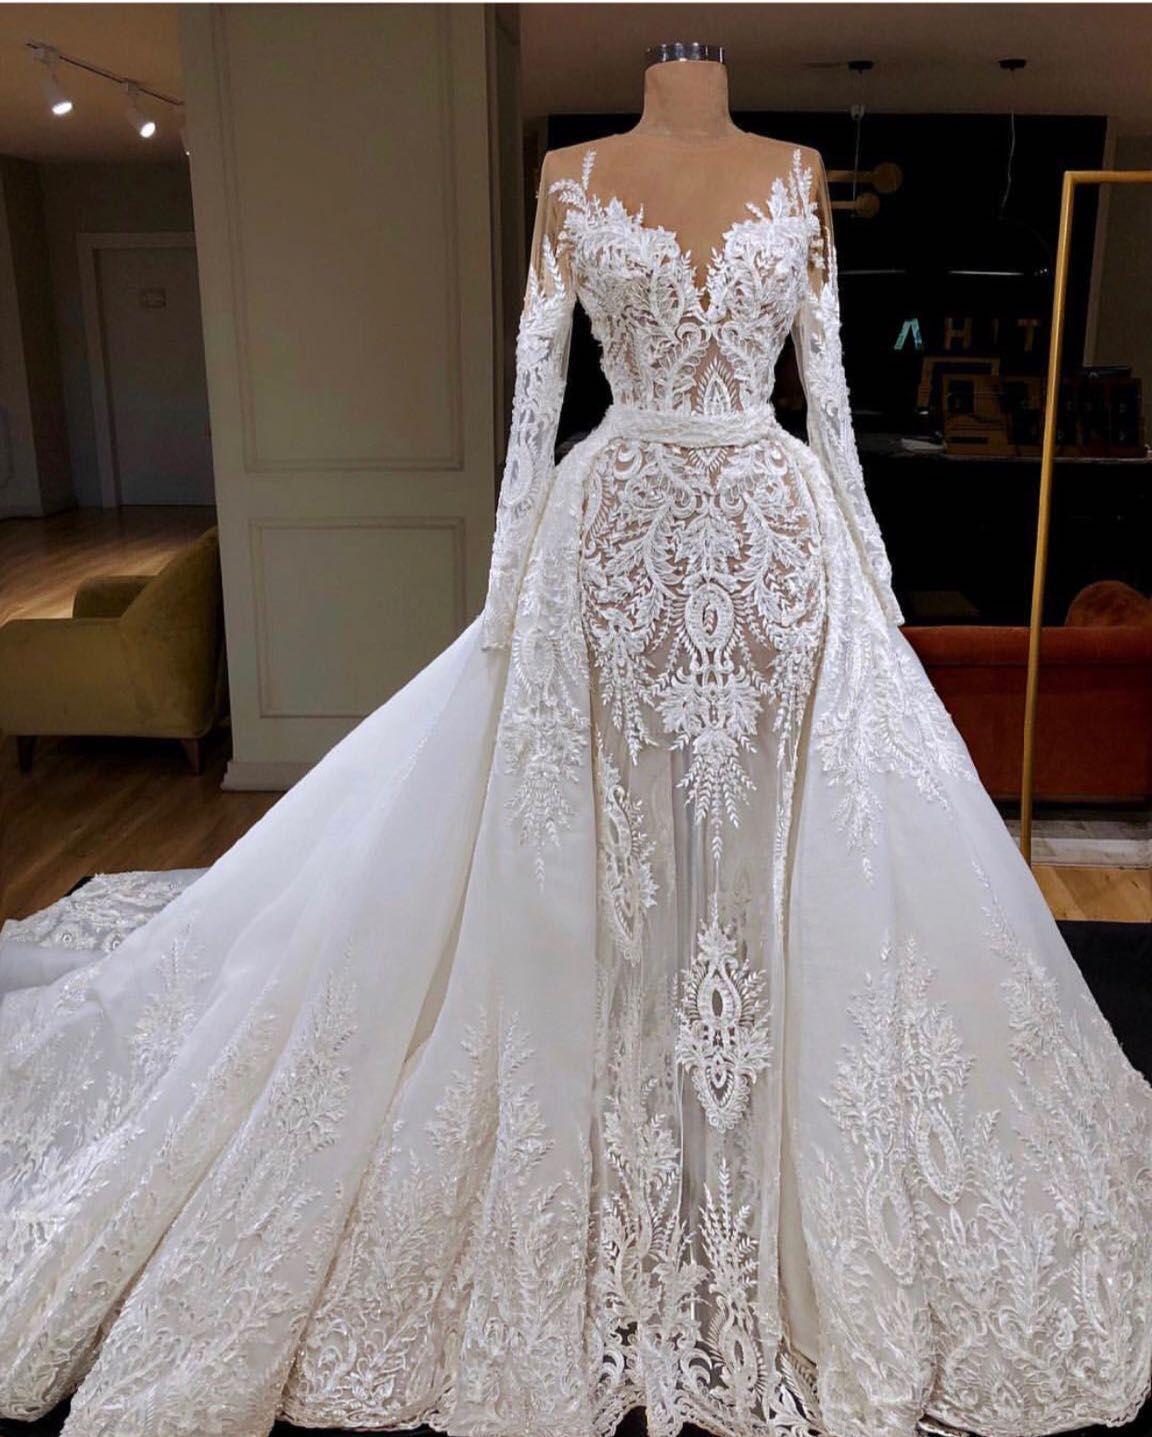 Mermaid Wedding Gowns 2019: Organza Weeding Dress 2019 Mermaid Wedding Dress 2019